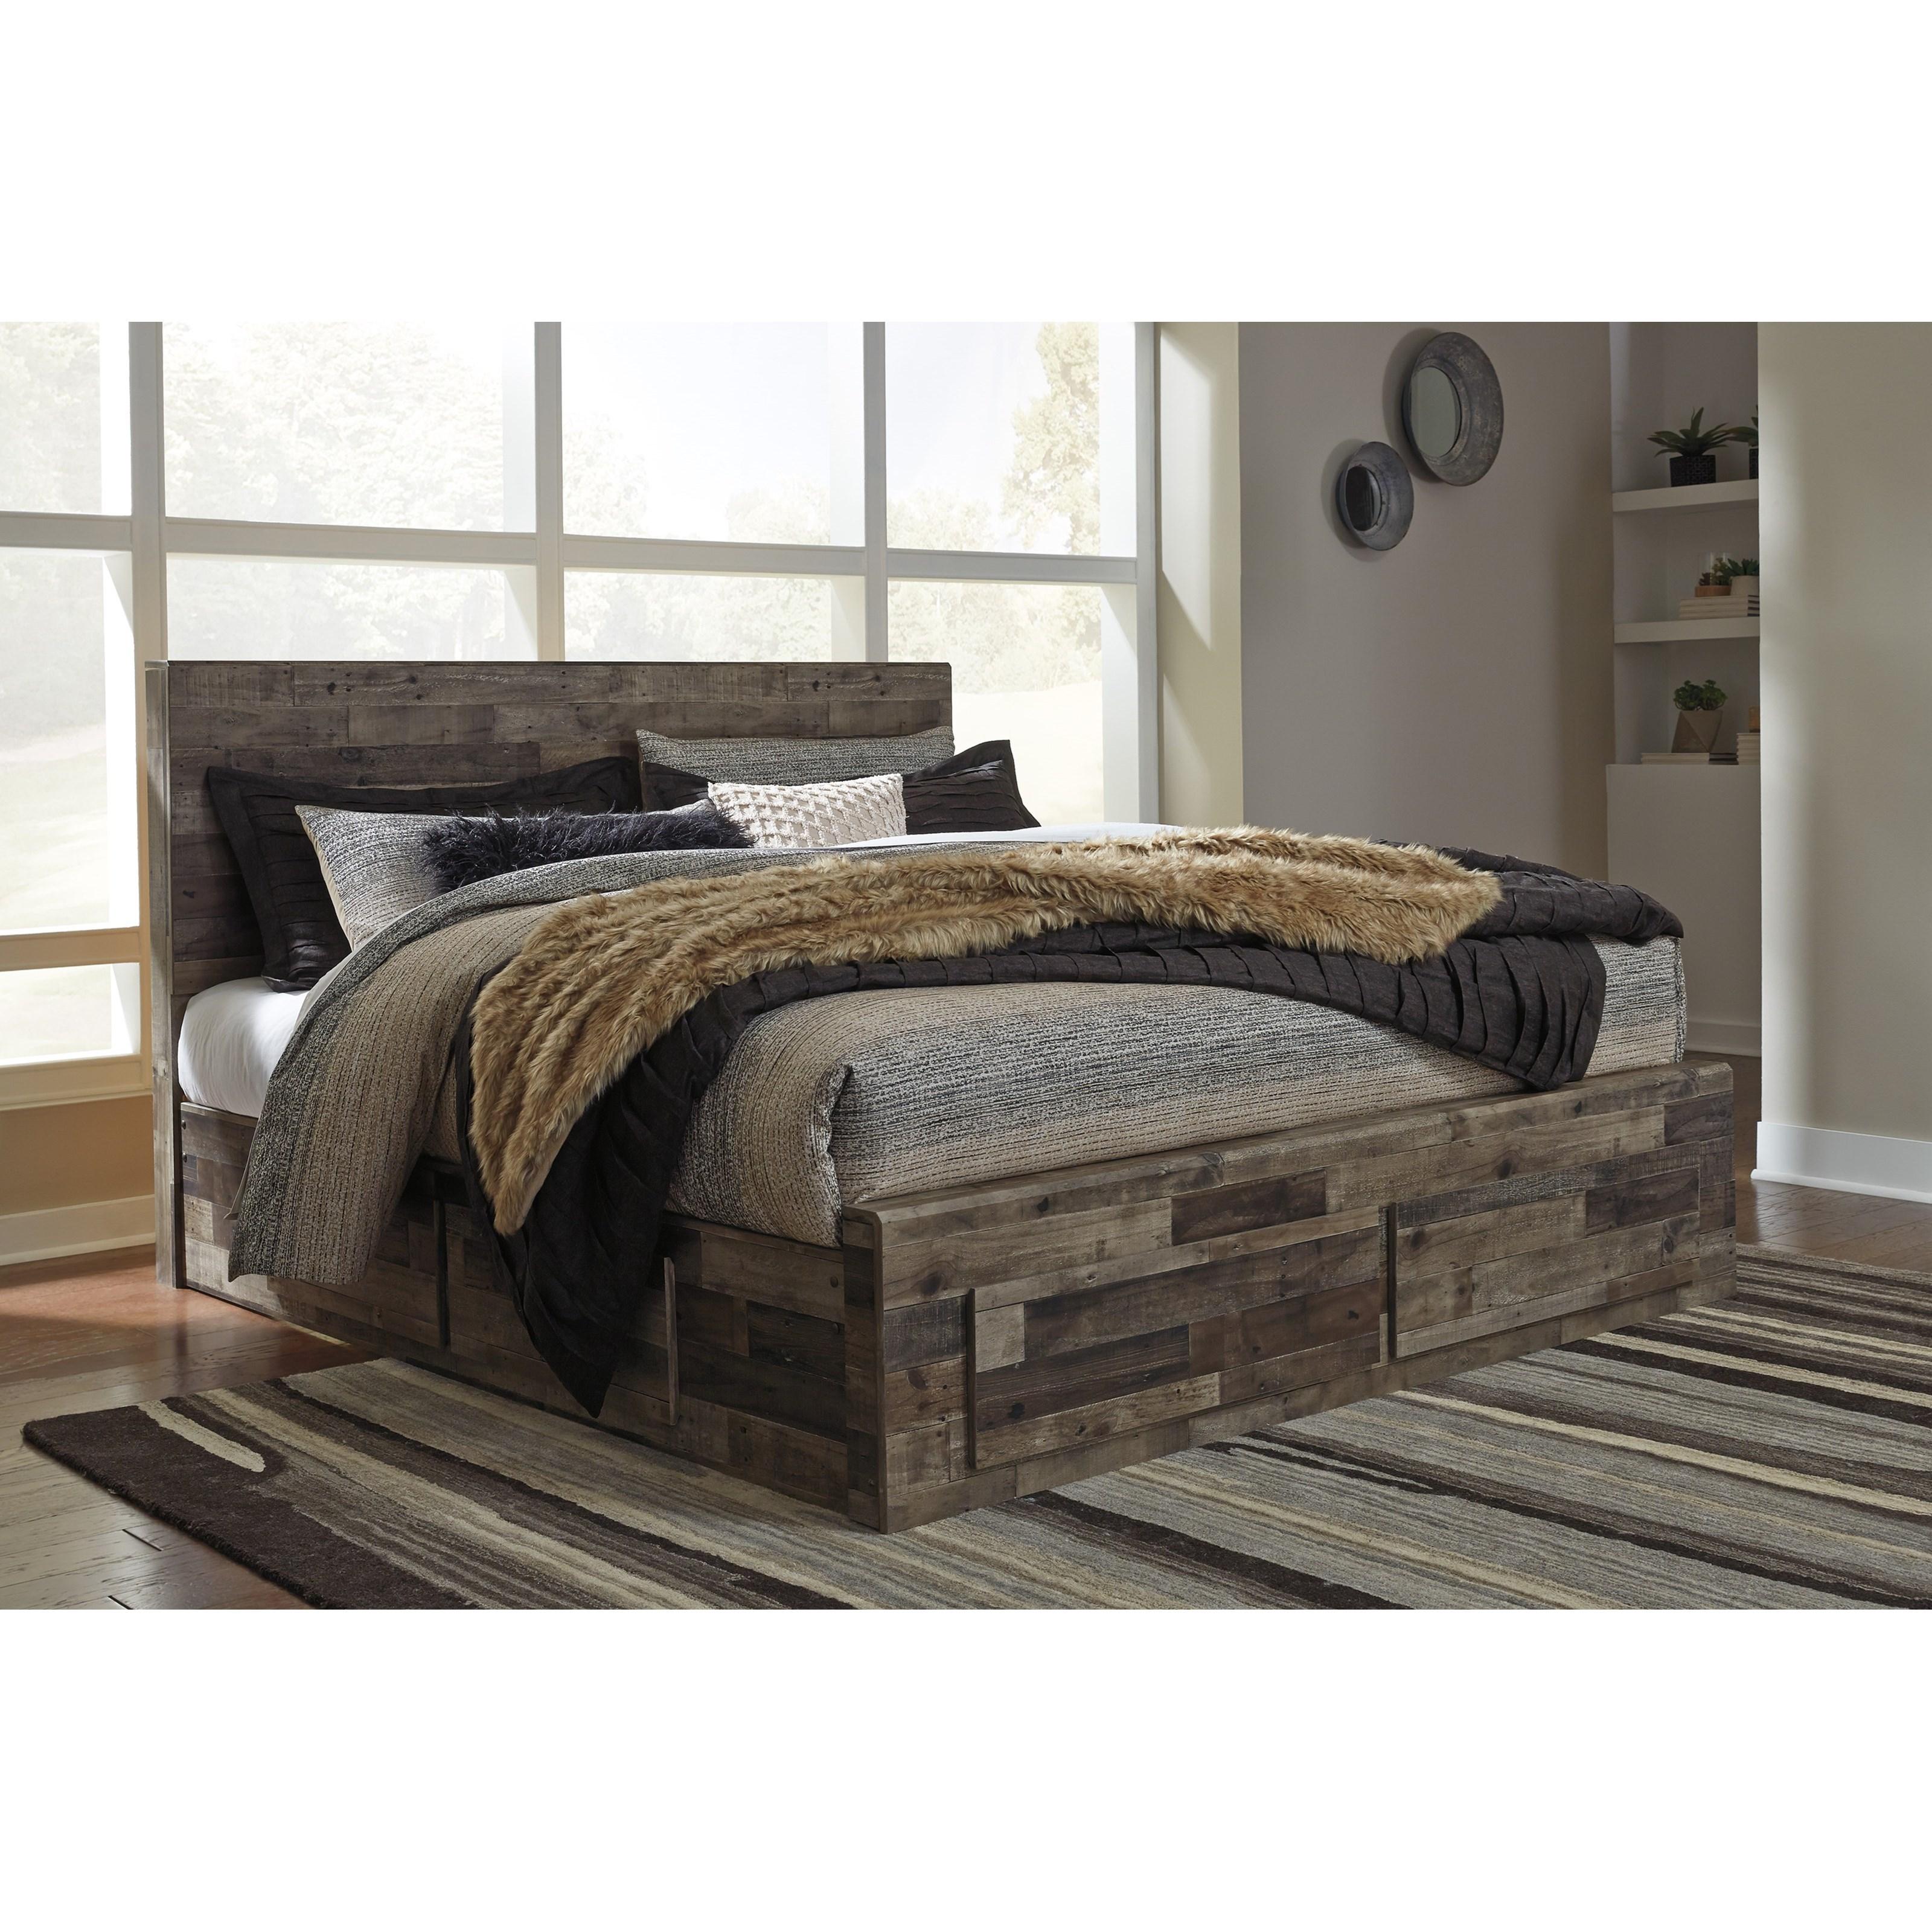 Benchcraft Derekson Rustic Modern King Storage Bed With 6